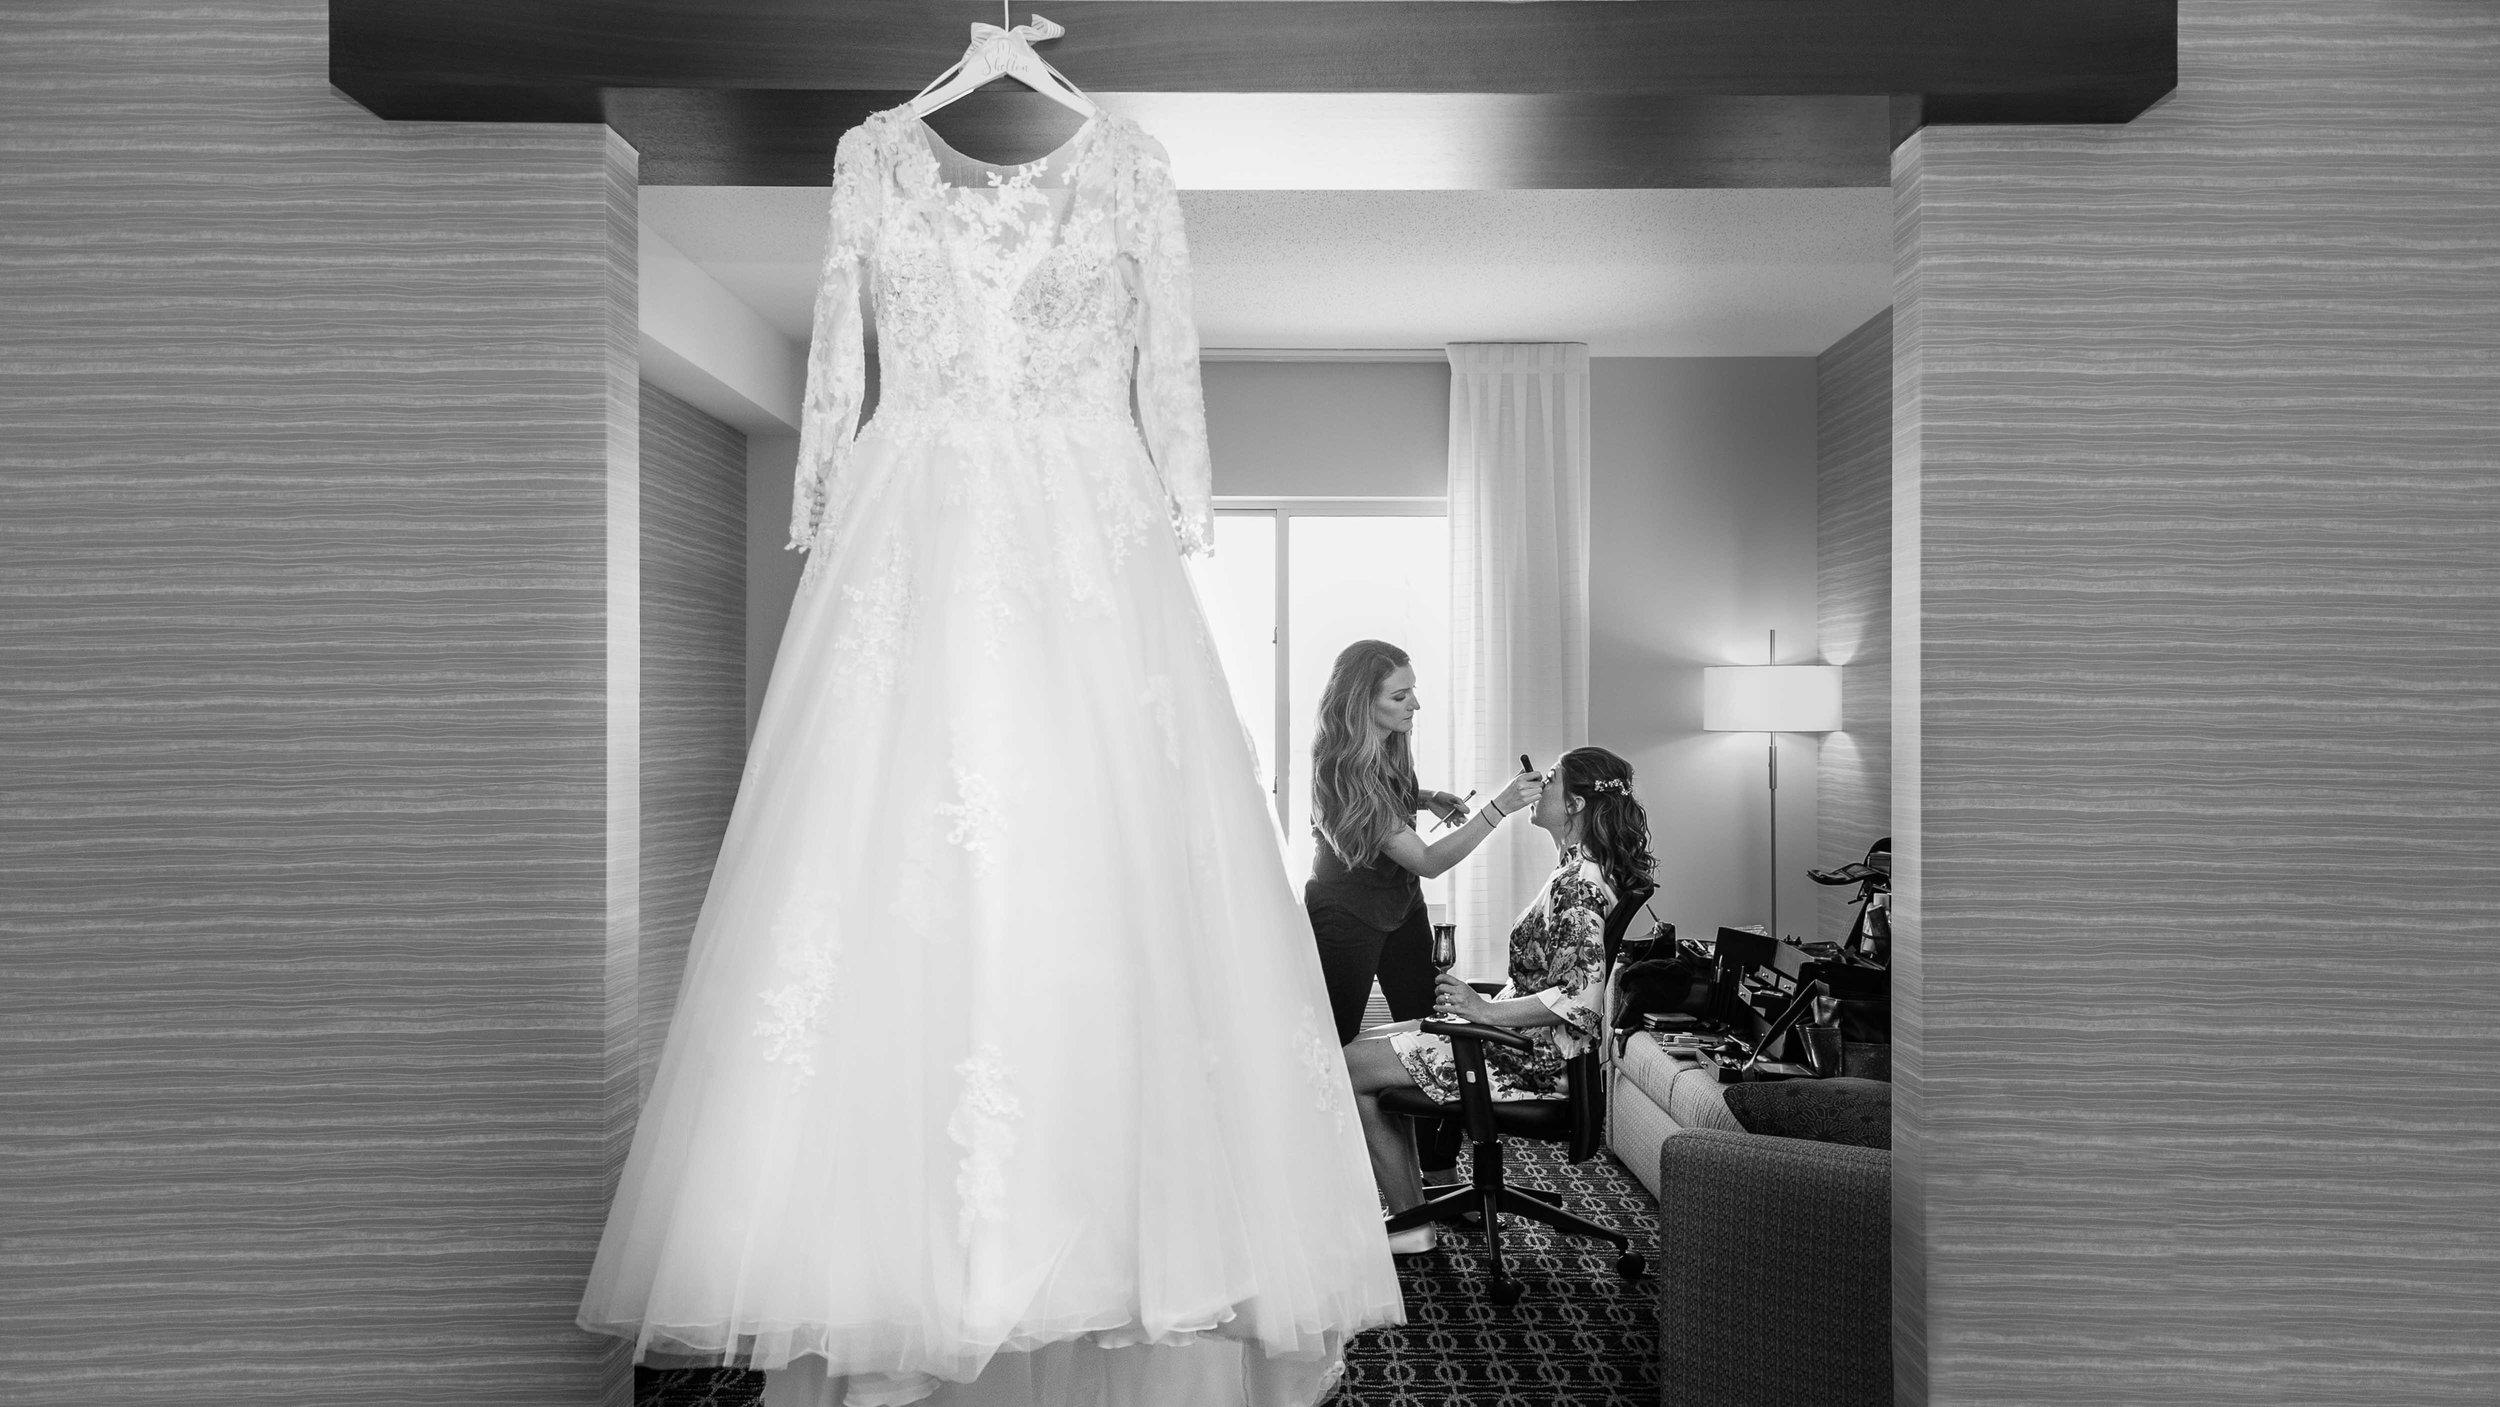 Wedding-Bridal-Party-Getting-Ready-5.jpg